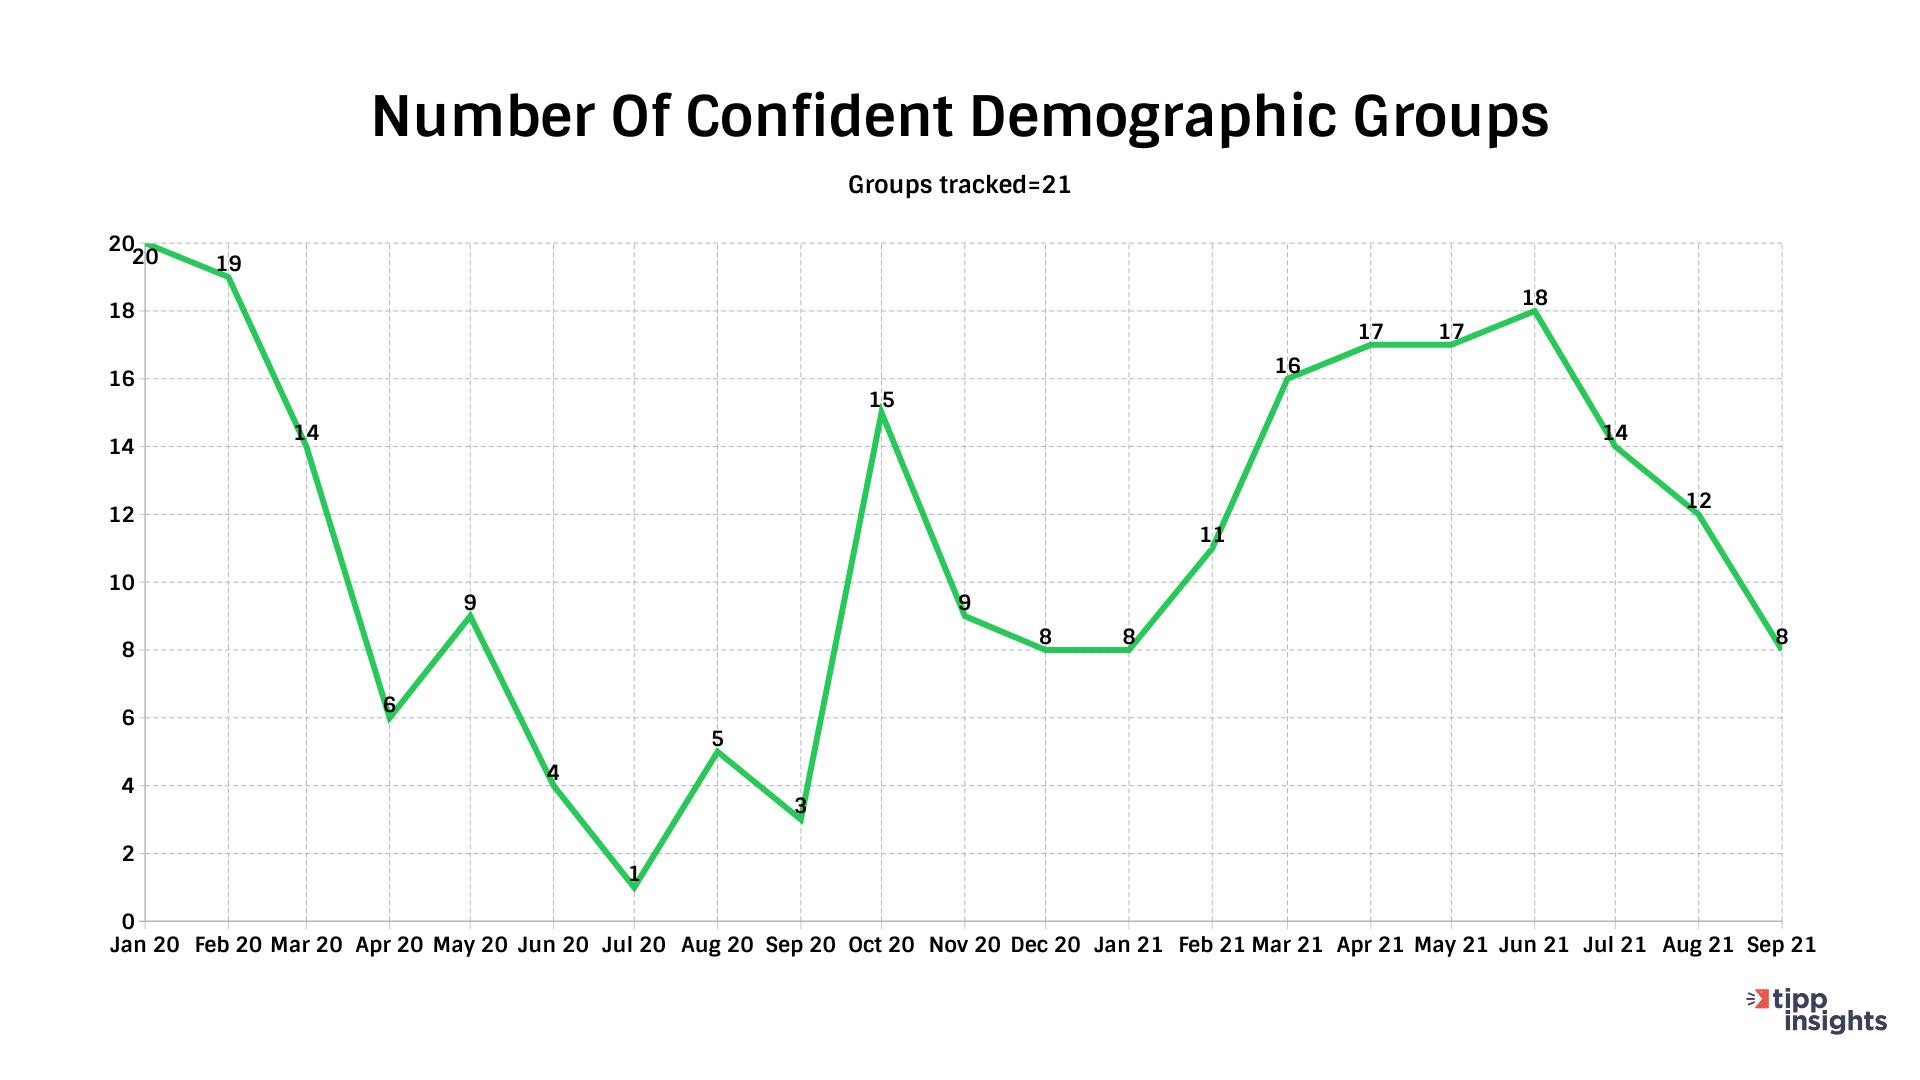 IBD/TIPP Economic Optimism Index Number of confident groups